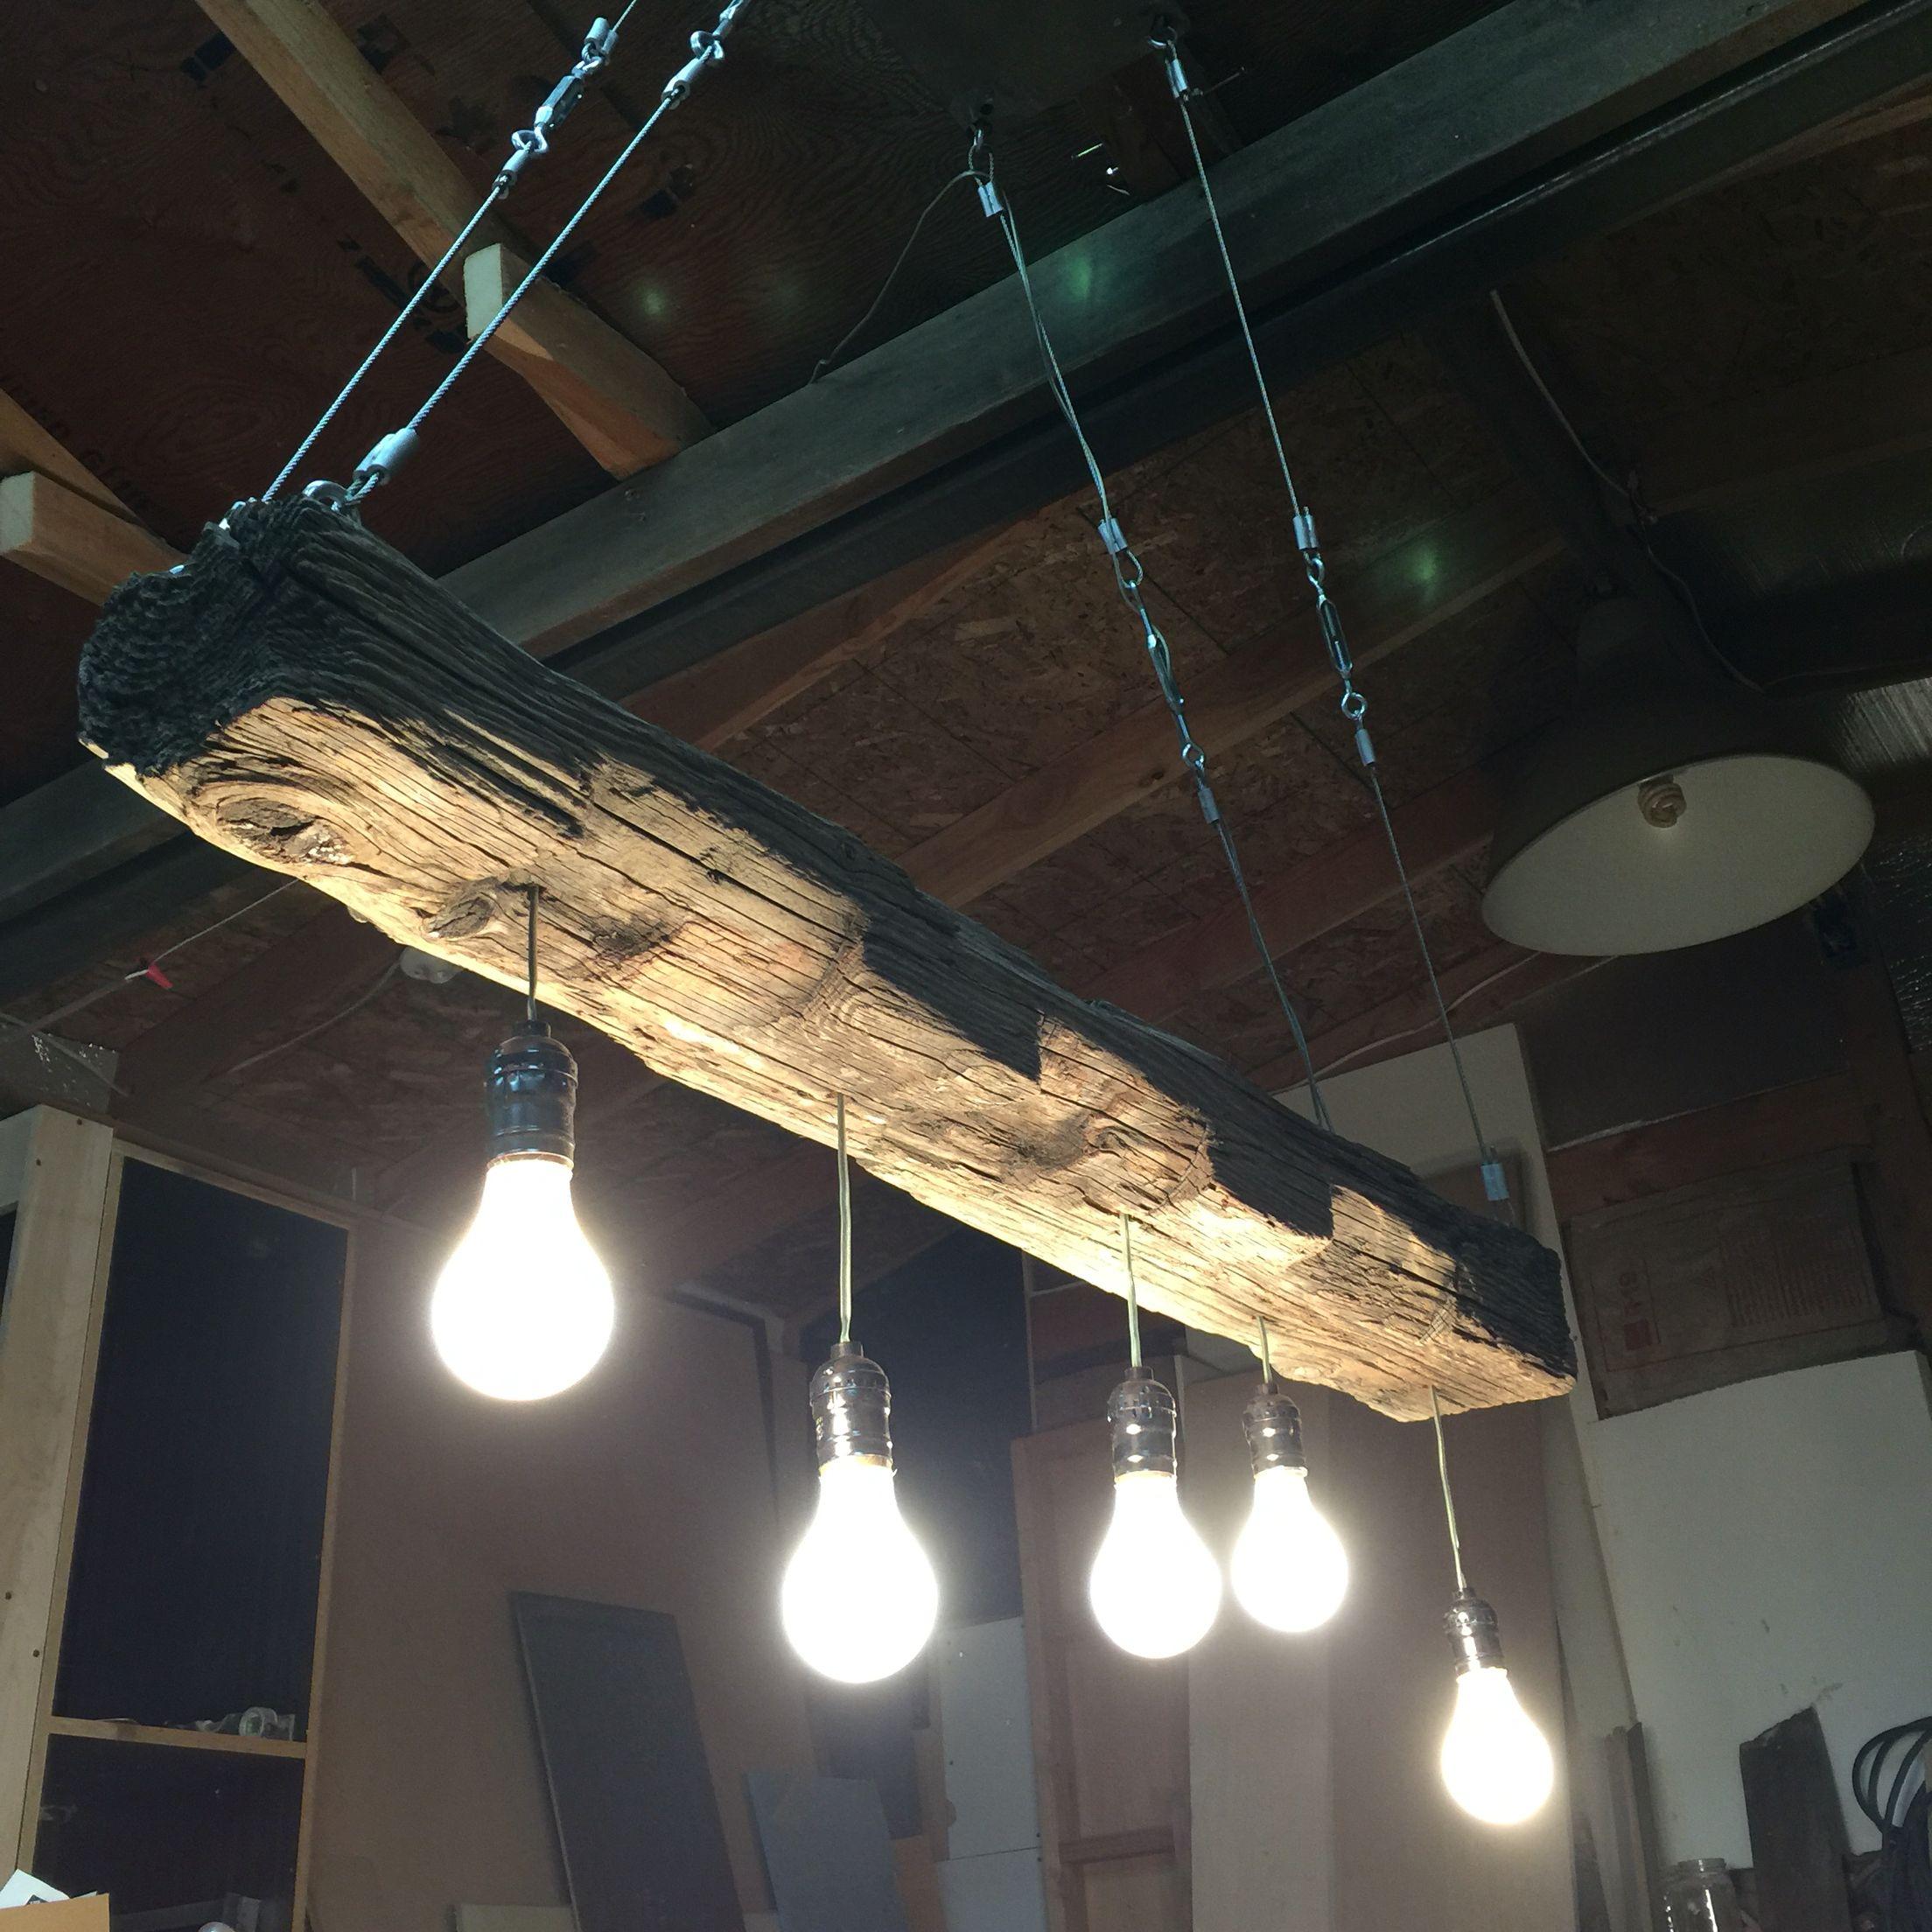 Reclaimed wood beam chandelier. Barnwood rustic industrial furniture  www.curtisfrankdesign.com